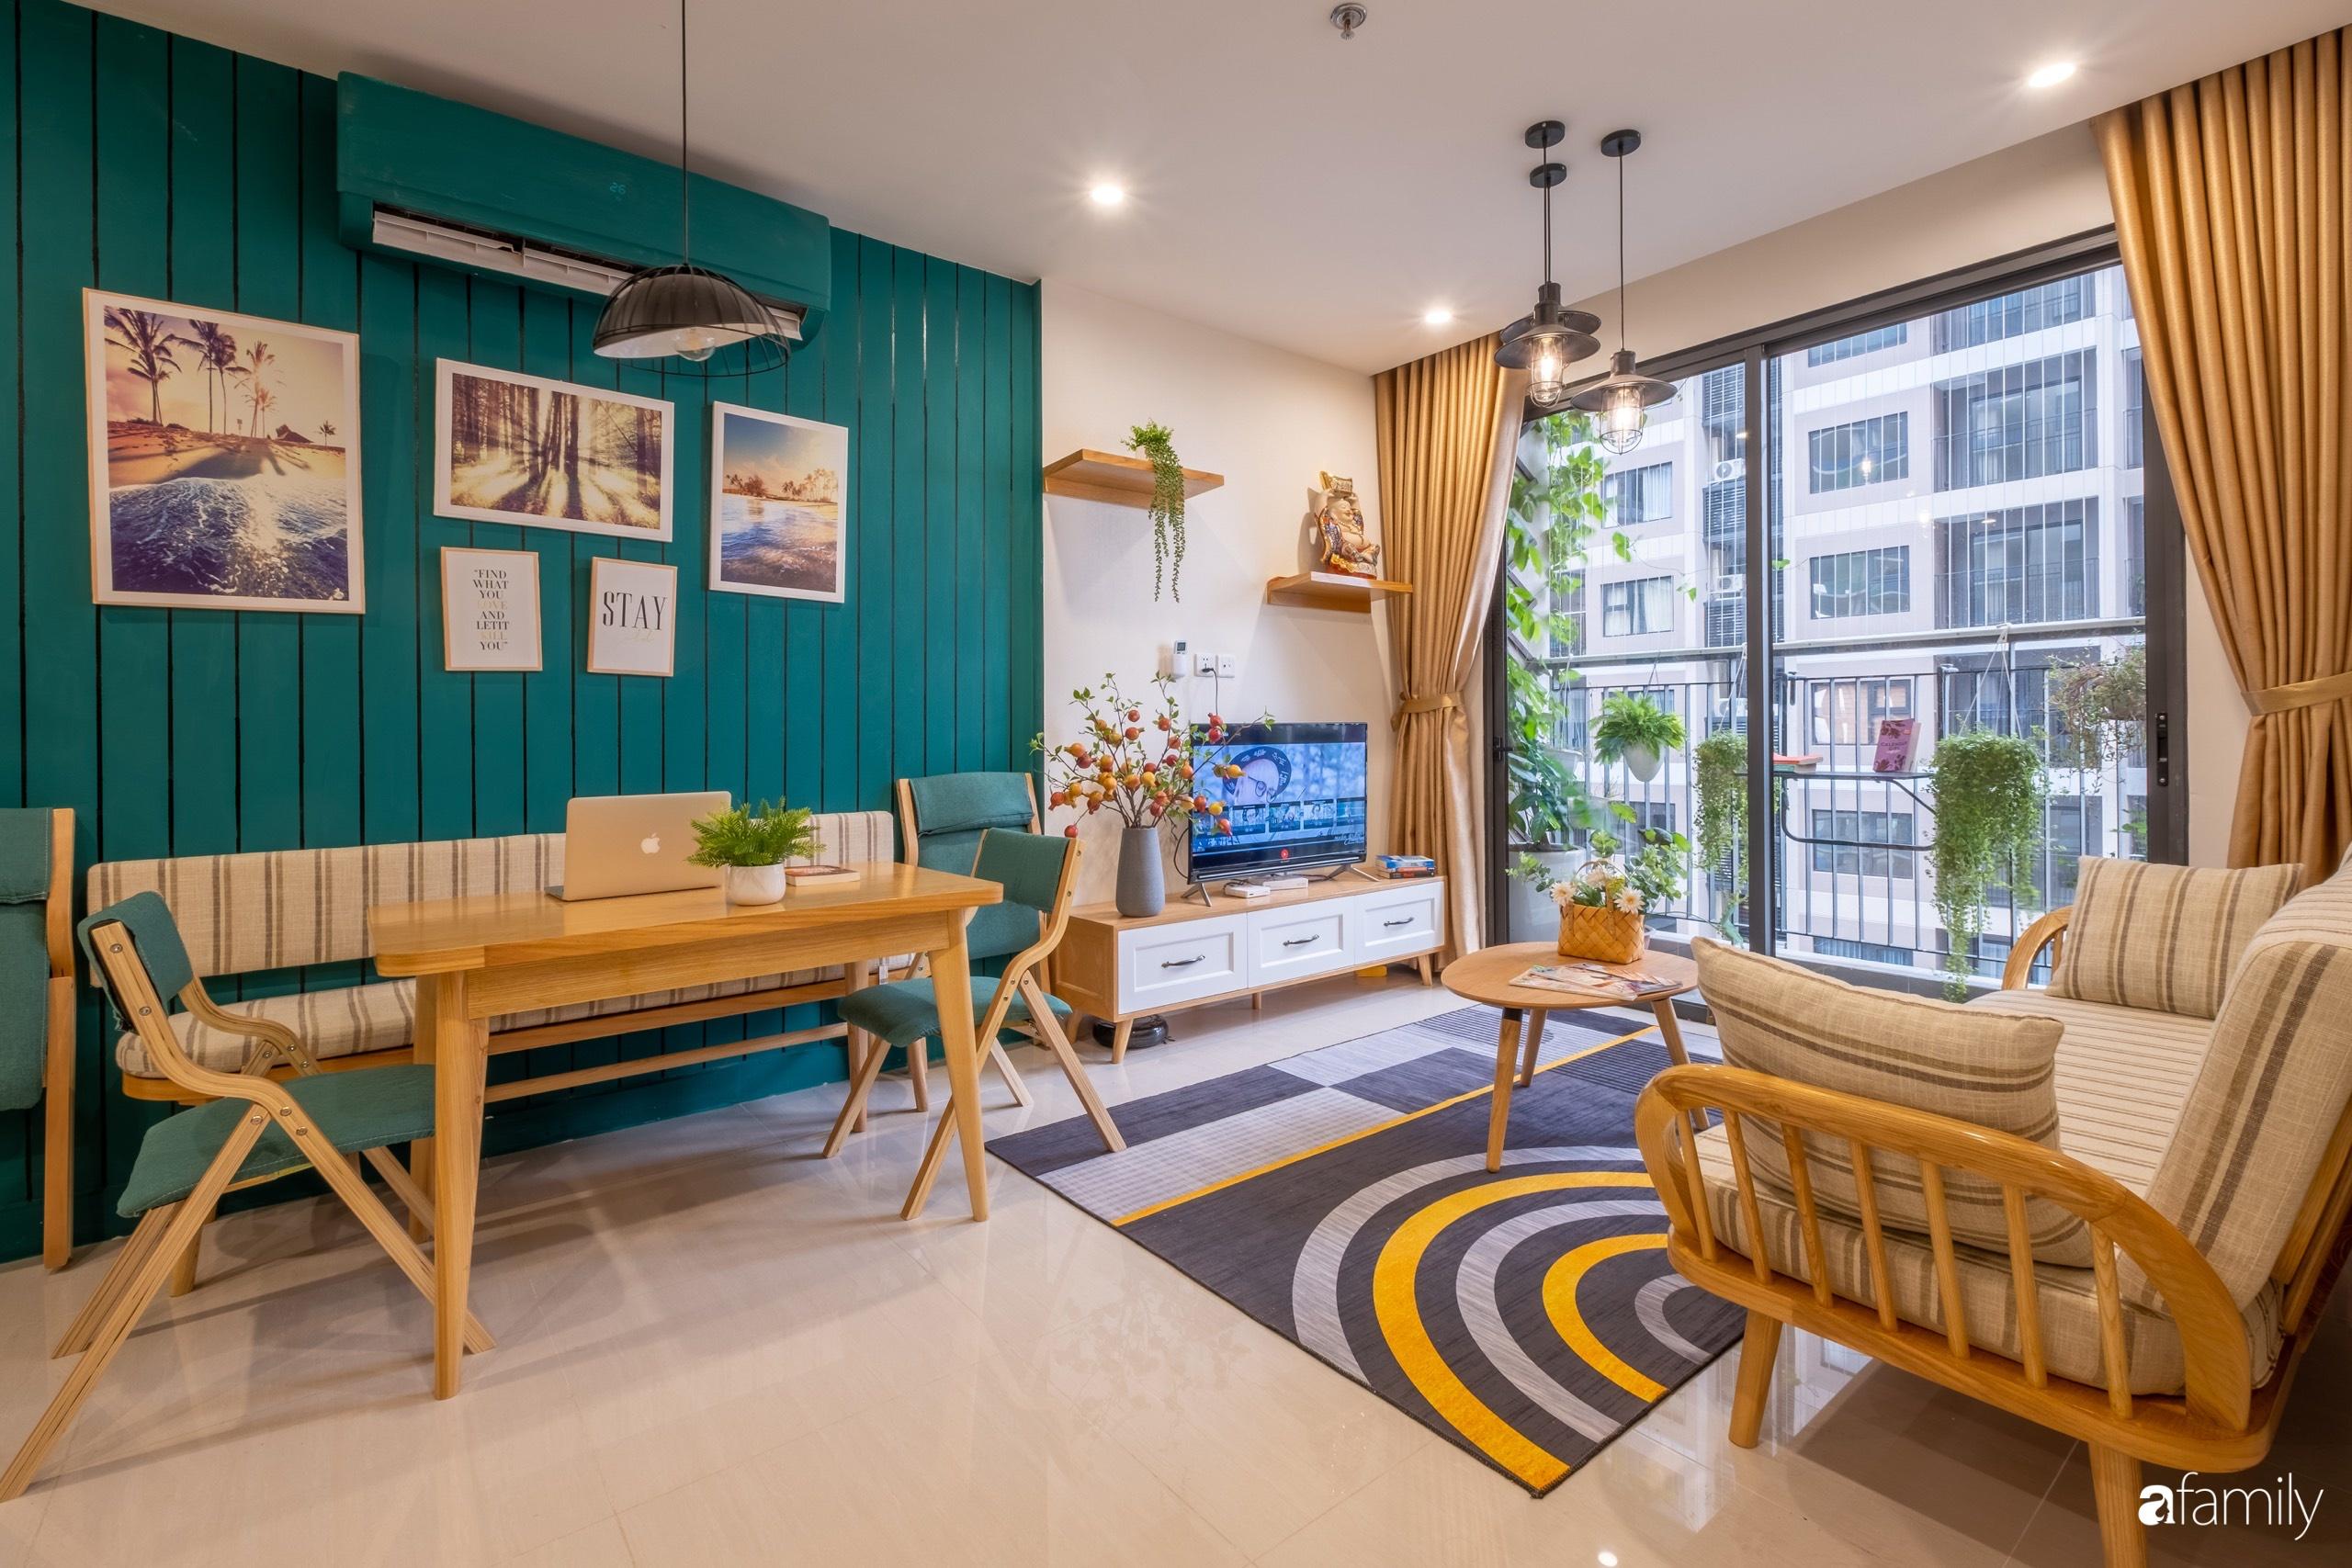 Căn hộ 54m² đẹp cuốn hút với tông màu xanh gần gũi với thiên nhiên có chi phí hoàn thiện nội thất 150 triệu đồng ở Hà Nội - Ảnh 5.